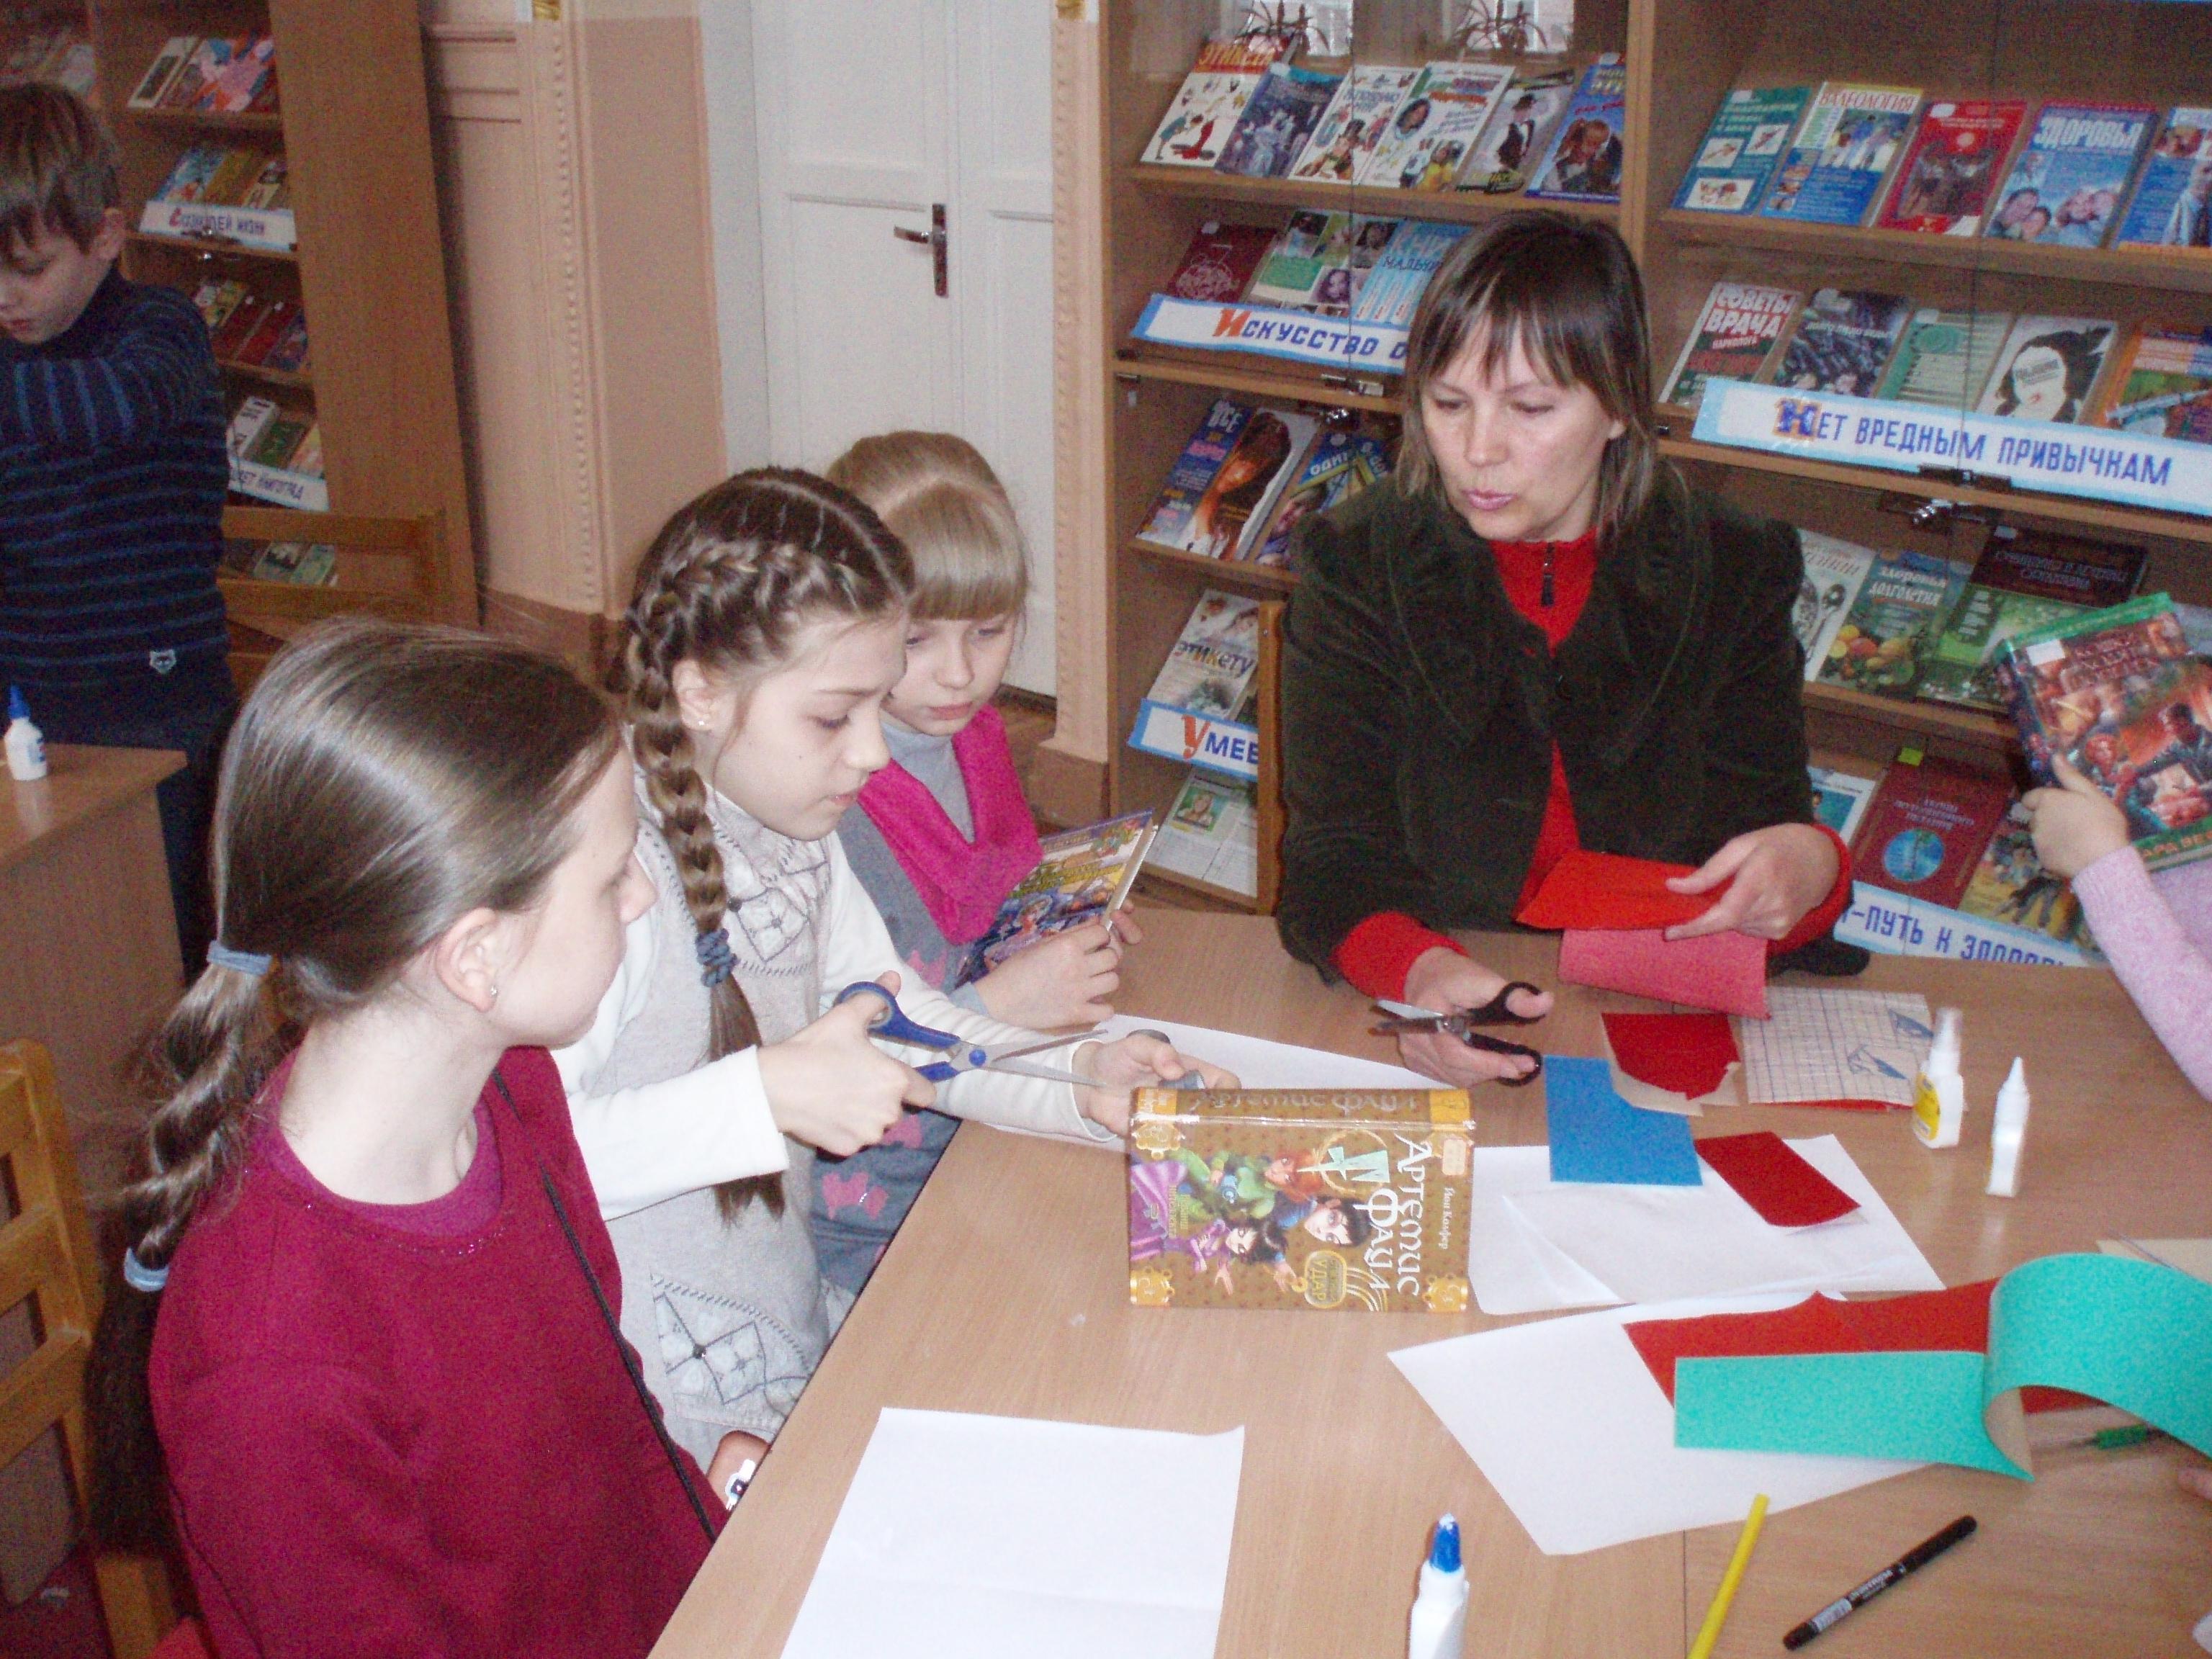 республиканская неделя детской и юношеской книги, донецкая республиканская библиотека для детей, отдел обслуживания учащихся 5-9 классов, книжкина больница